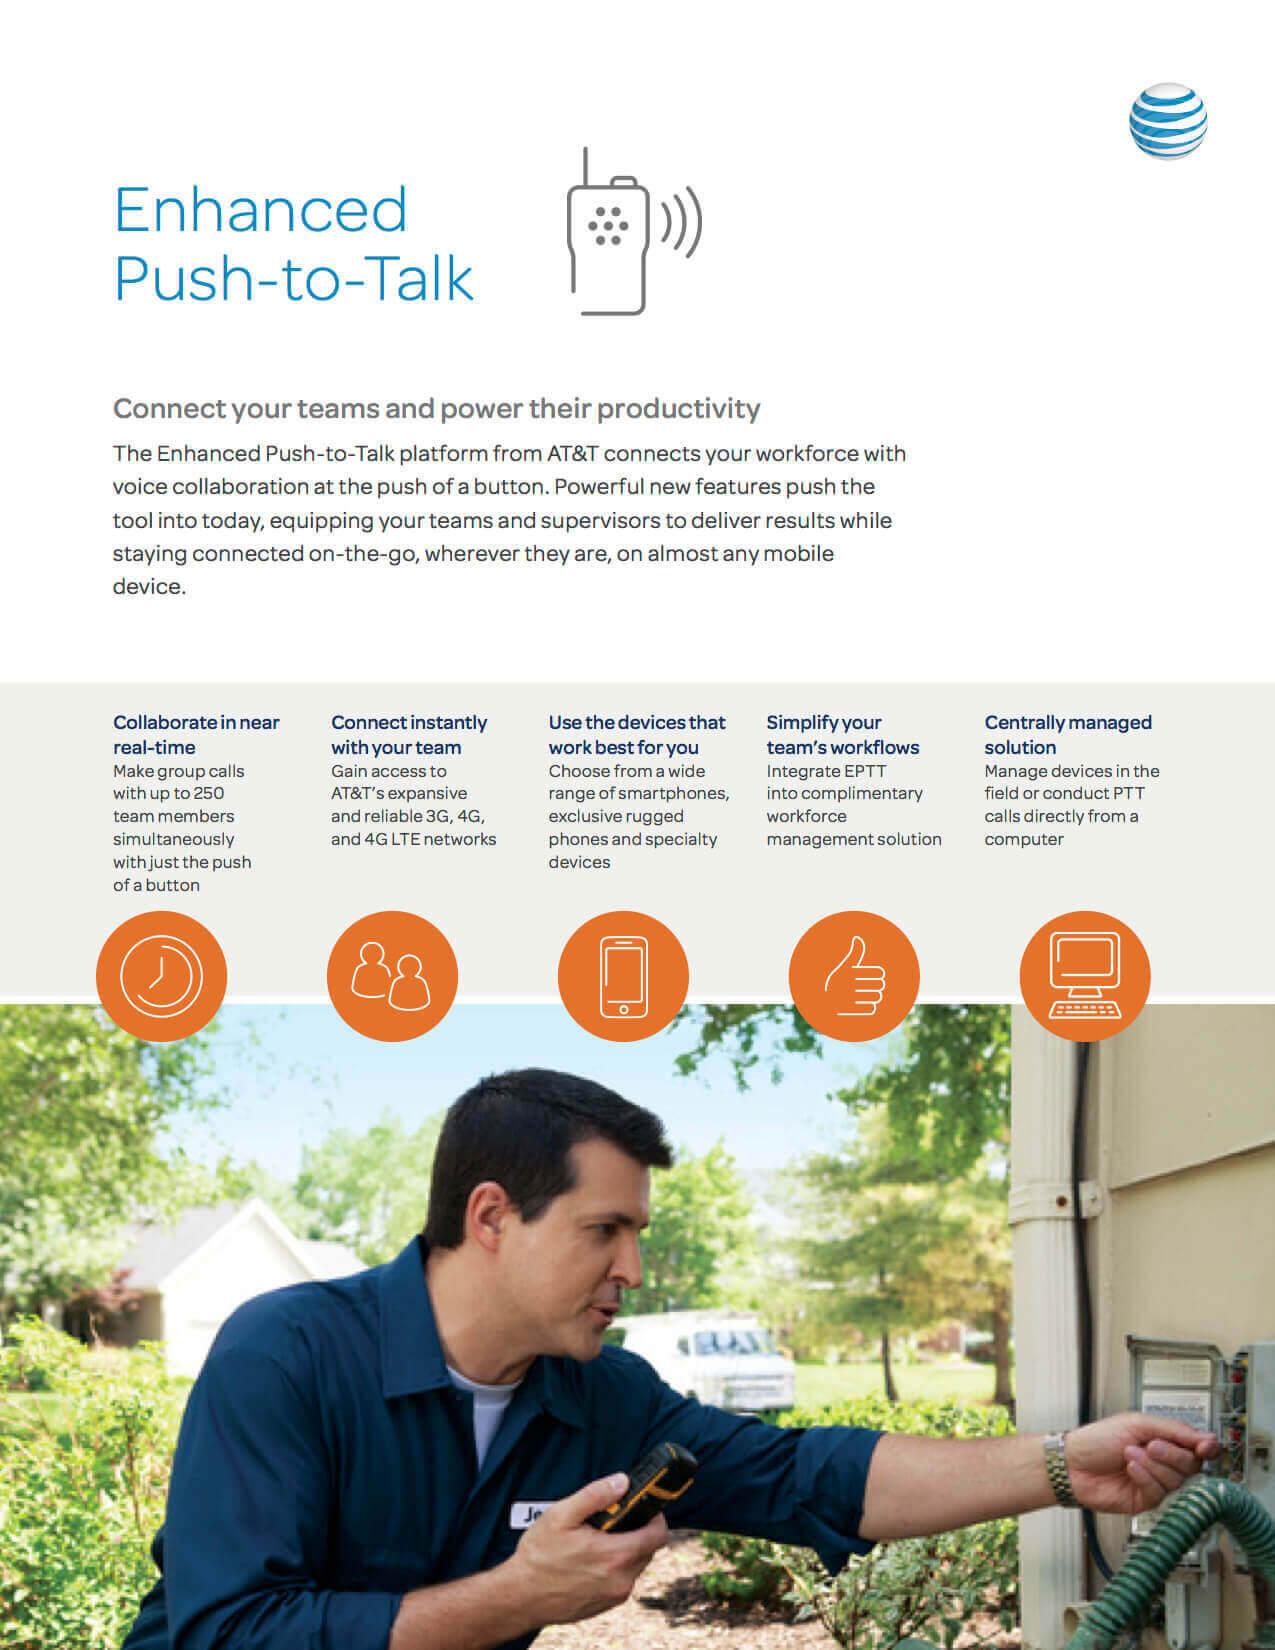 att-enhanced-push-to-talk-p1.jpg